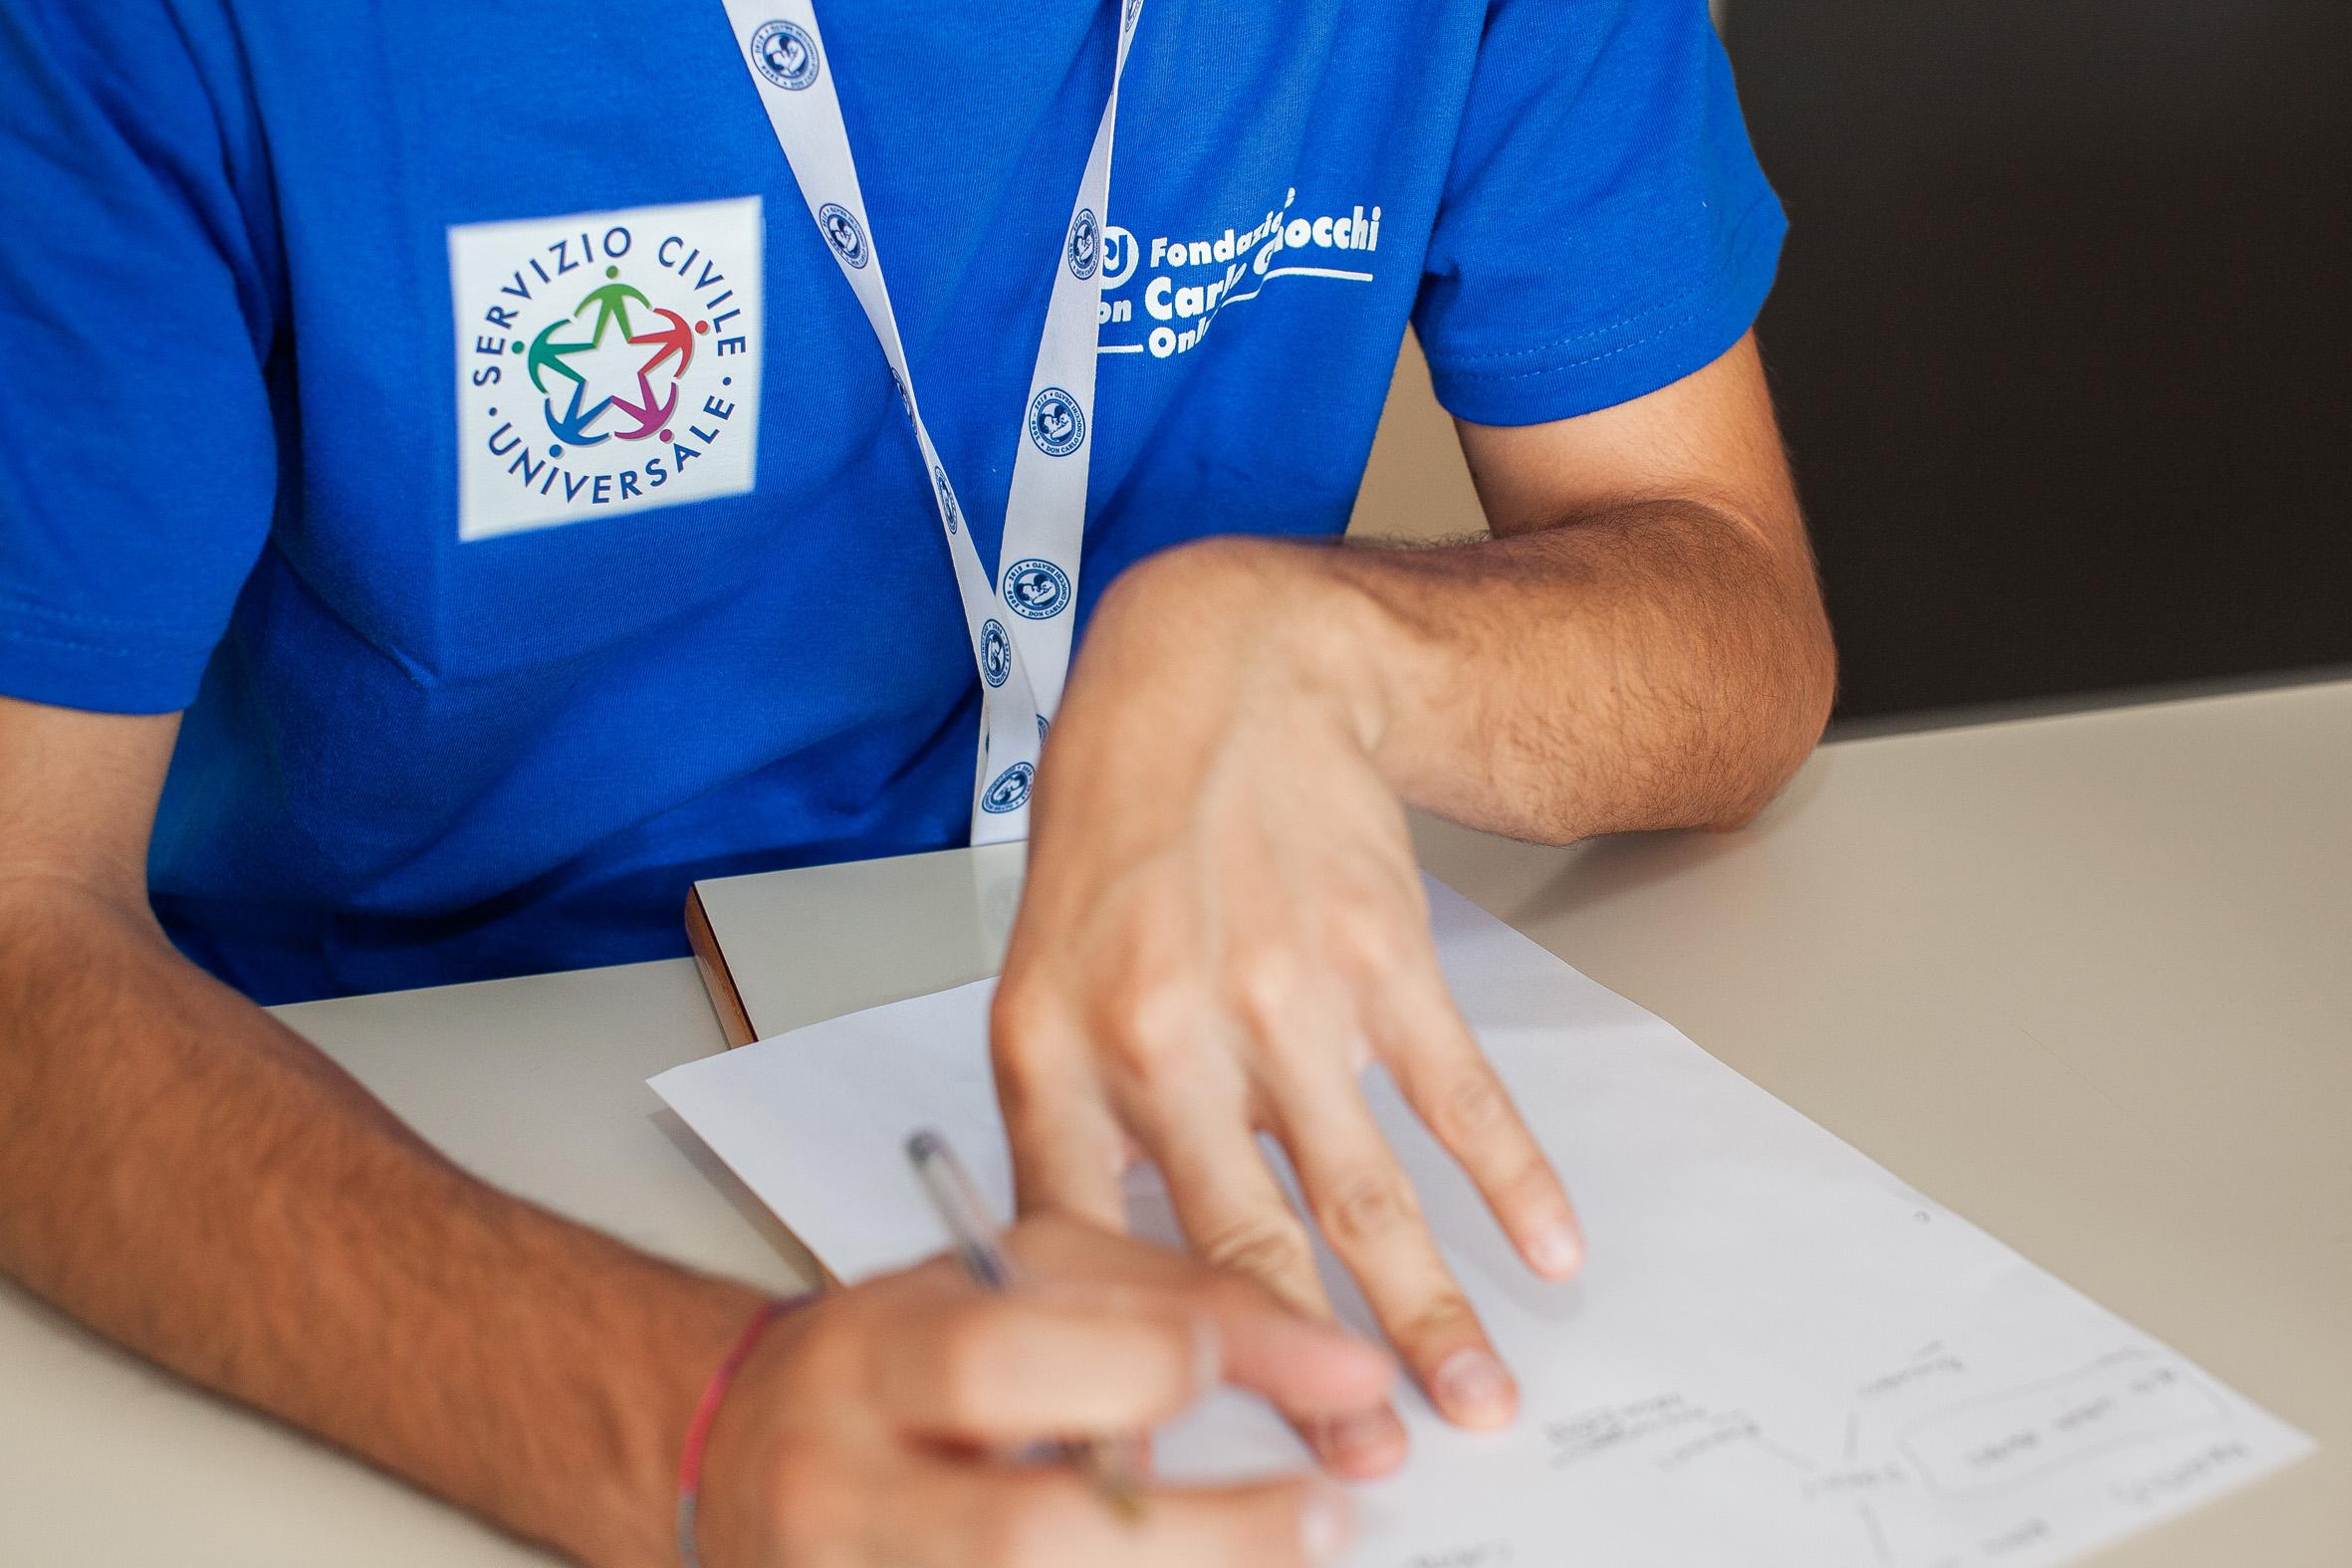 Servizio civile_Fondazione Don Gnocchi 2 foto ok